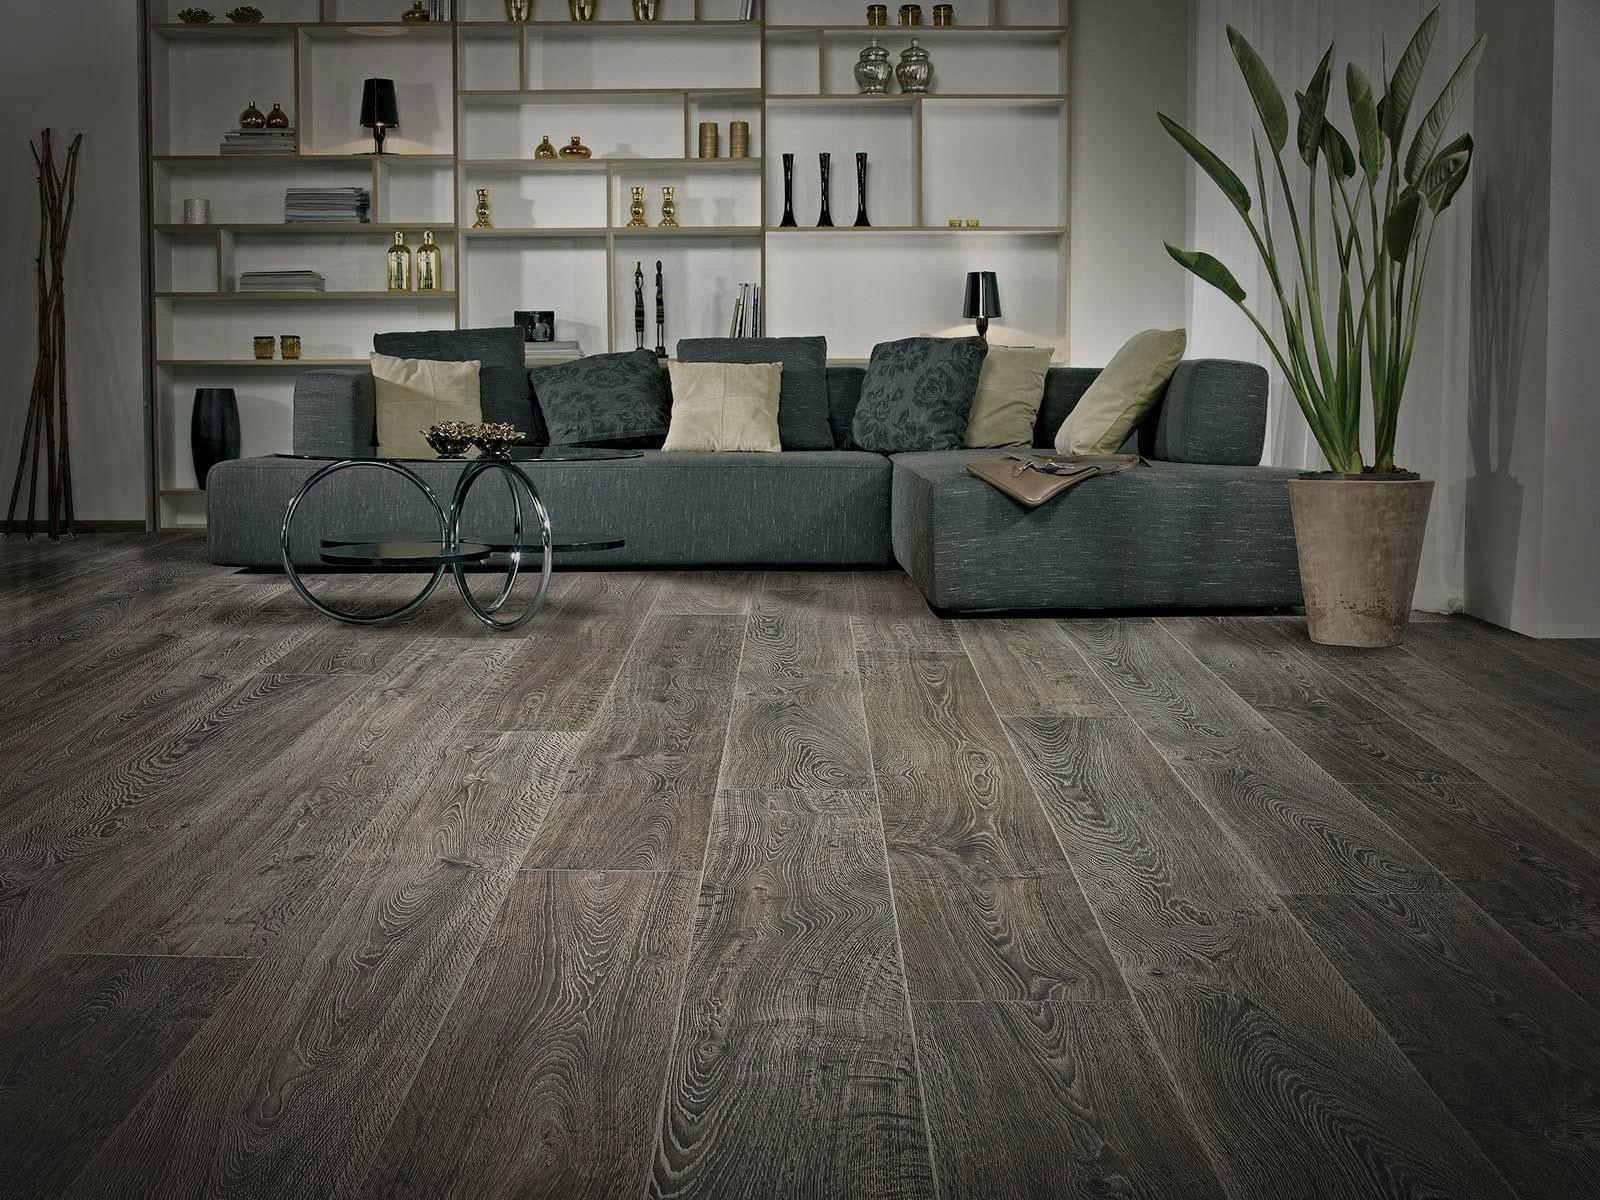 Proveedor de pisos flotantes fotolaminados y pisos - Piso vinilico colores ...